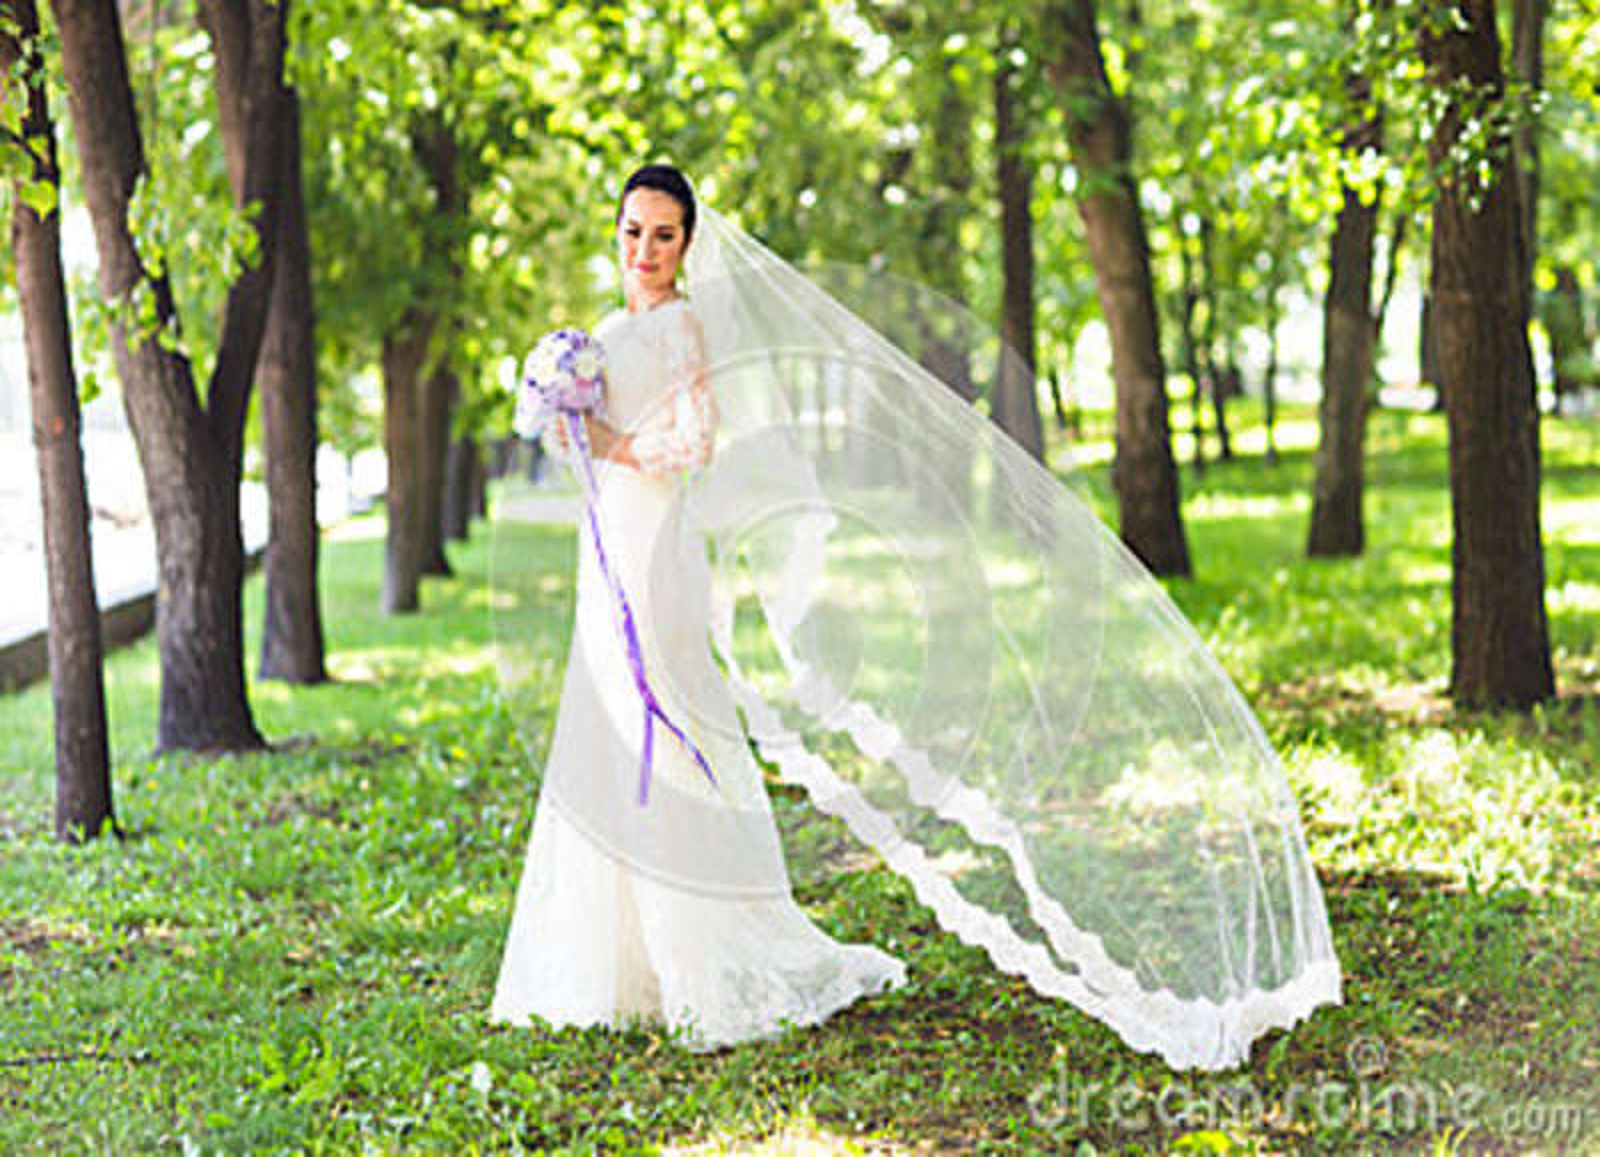 Novia morena joven sensual hermosa en vestido y velo blancos largos de boda al aire libre